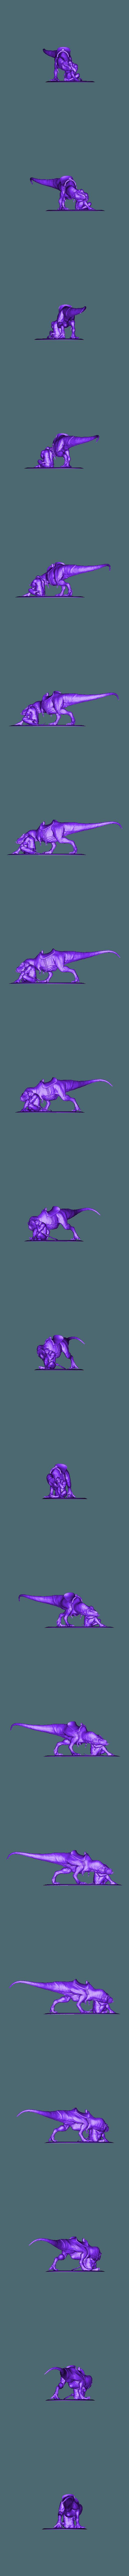 REX2_fixed_1_cut_1.stl Télécharger fichier STL gratuit Dino Rider • Modèle pour impression 3D, Boris3dStudio